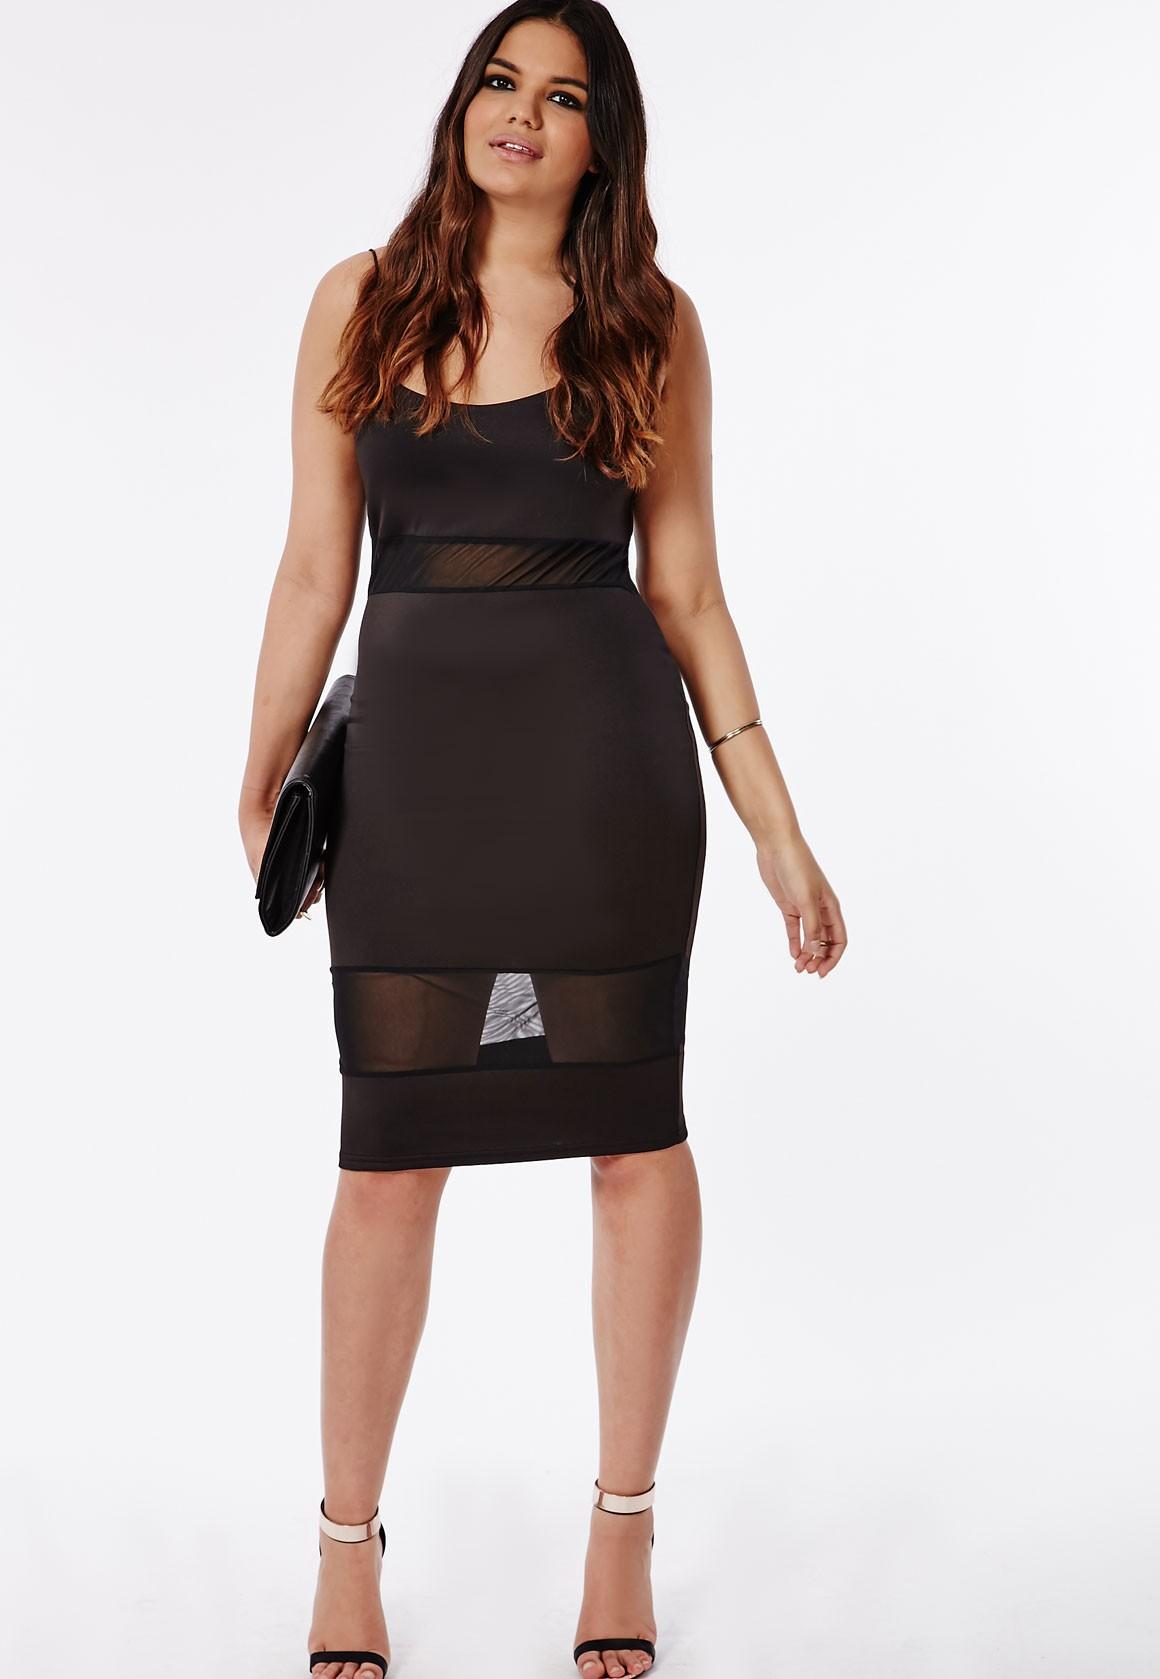 Mesh Bodycon Dress Plus Size Make You Look Like A Princess